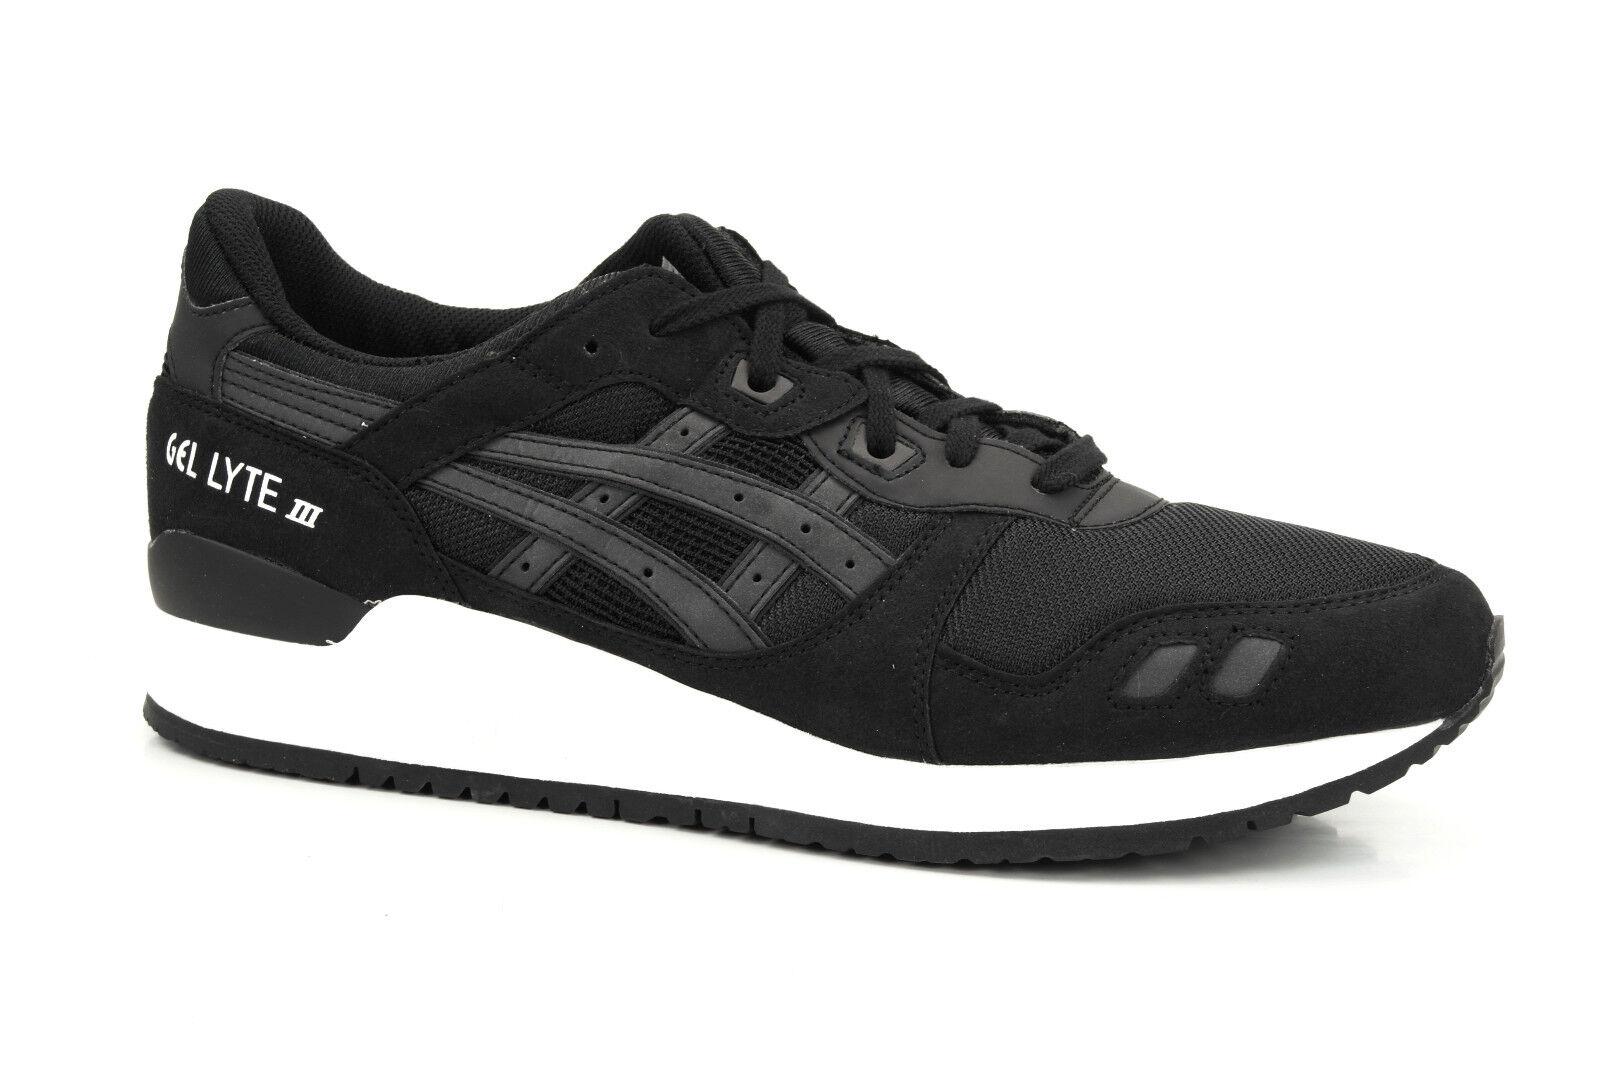 Asics Gel-Lyte III 3 Turnschuhe Sneakers Sportschuhe Herren Schuhe H5B2N-9090